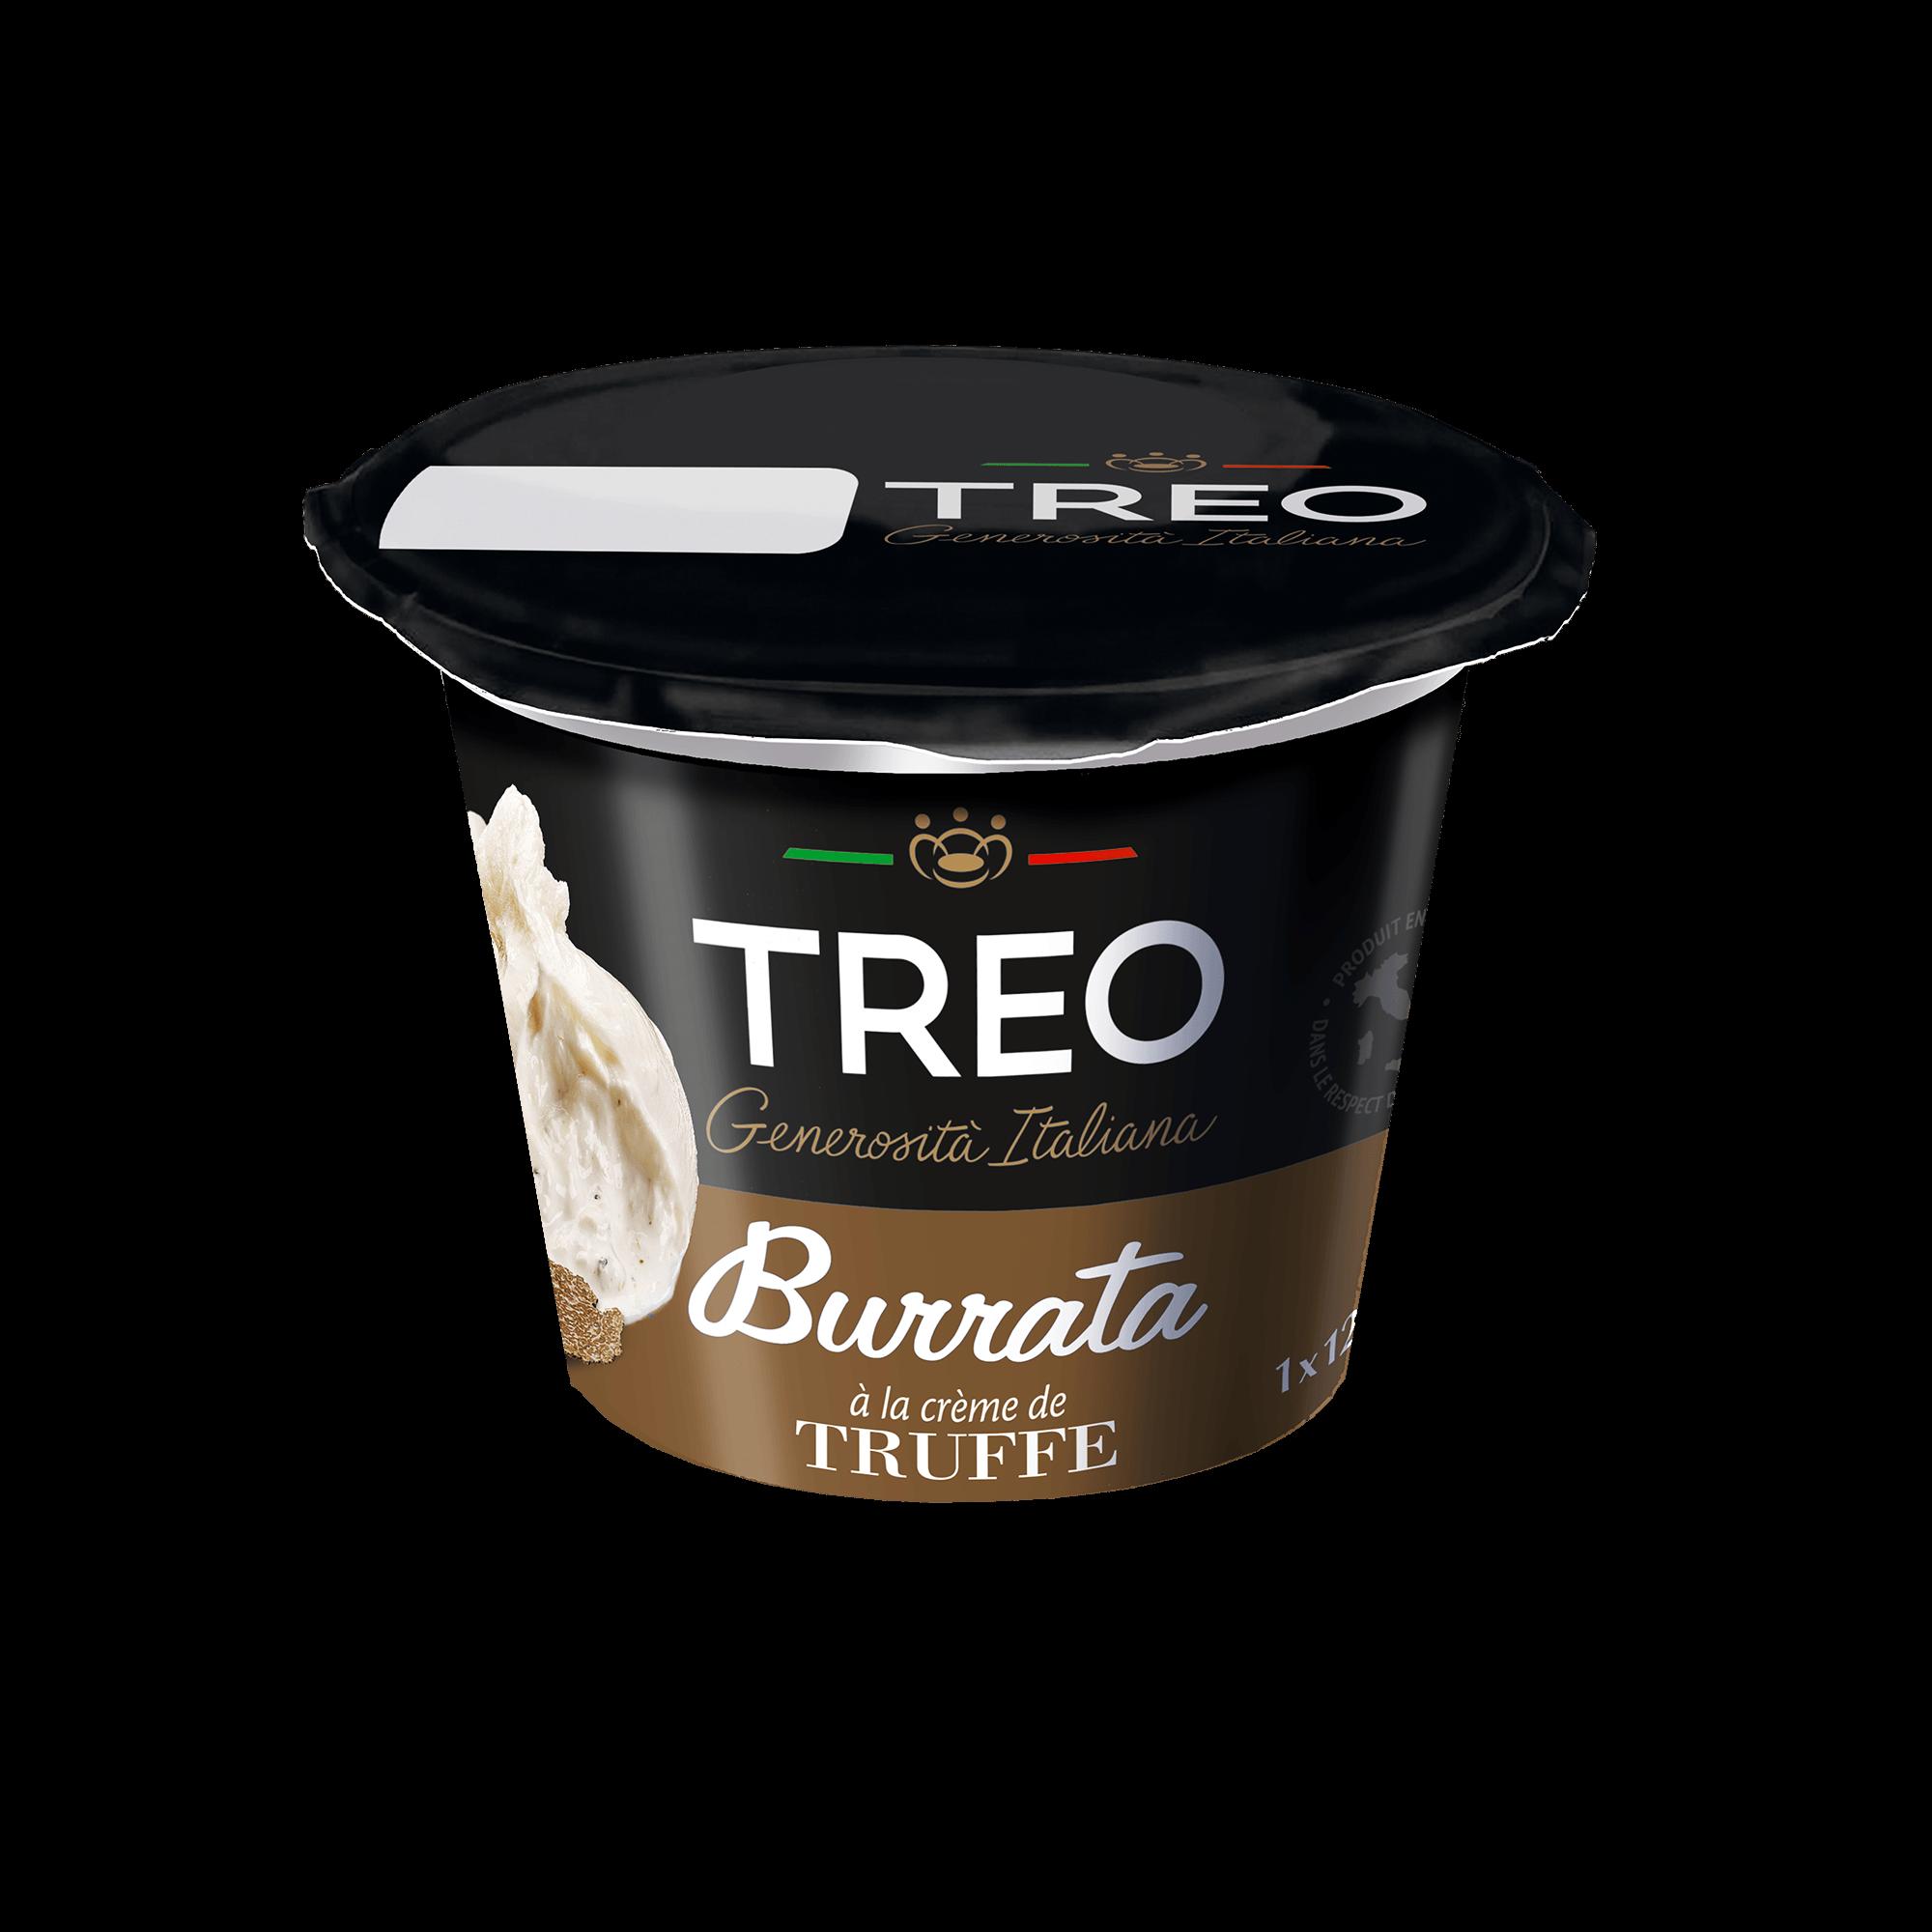 burrata à la crème de truffe